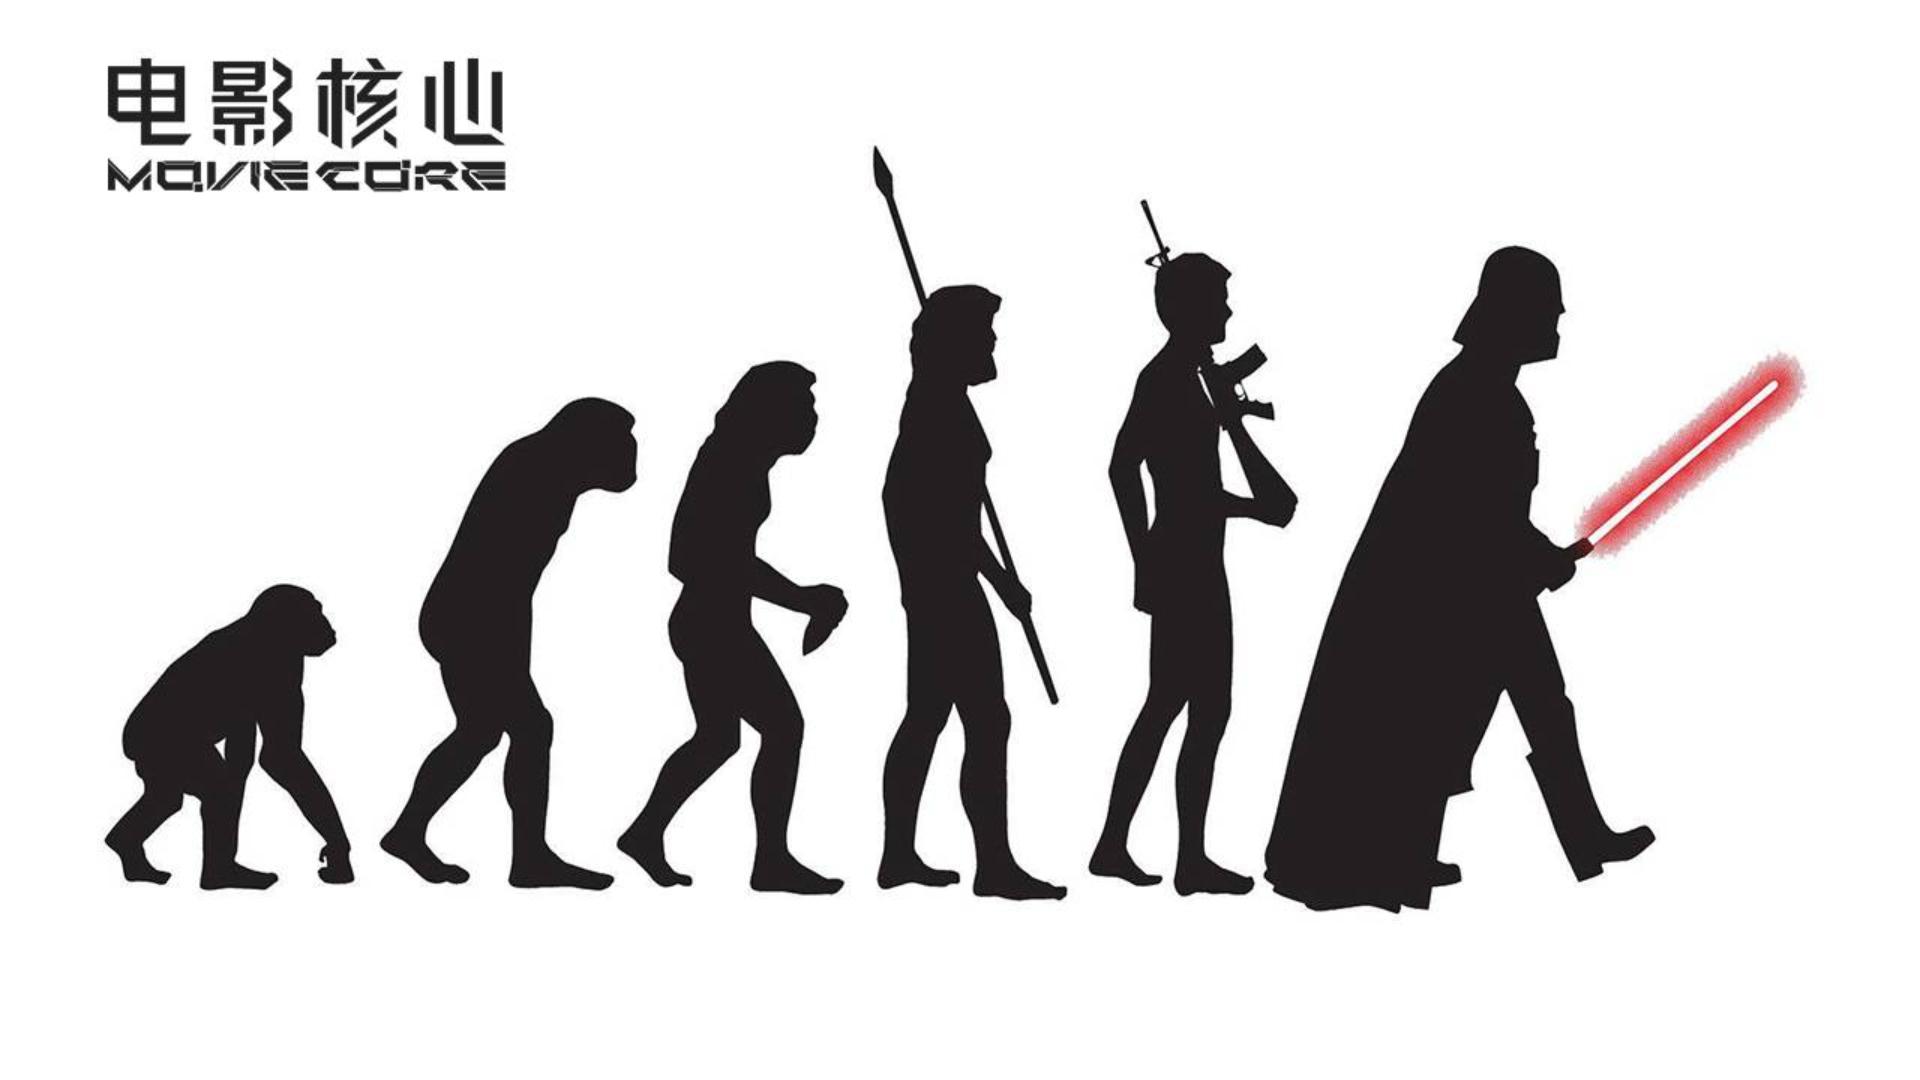 【核心杂谈】为什么中国人不喜欢《星球大战》?